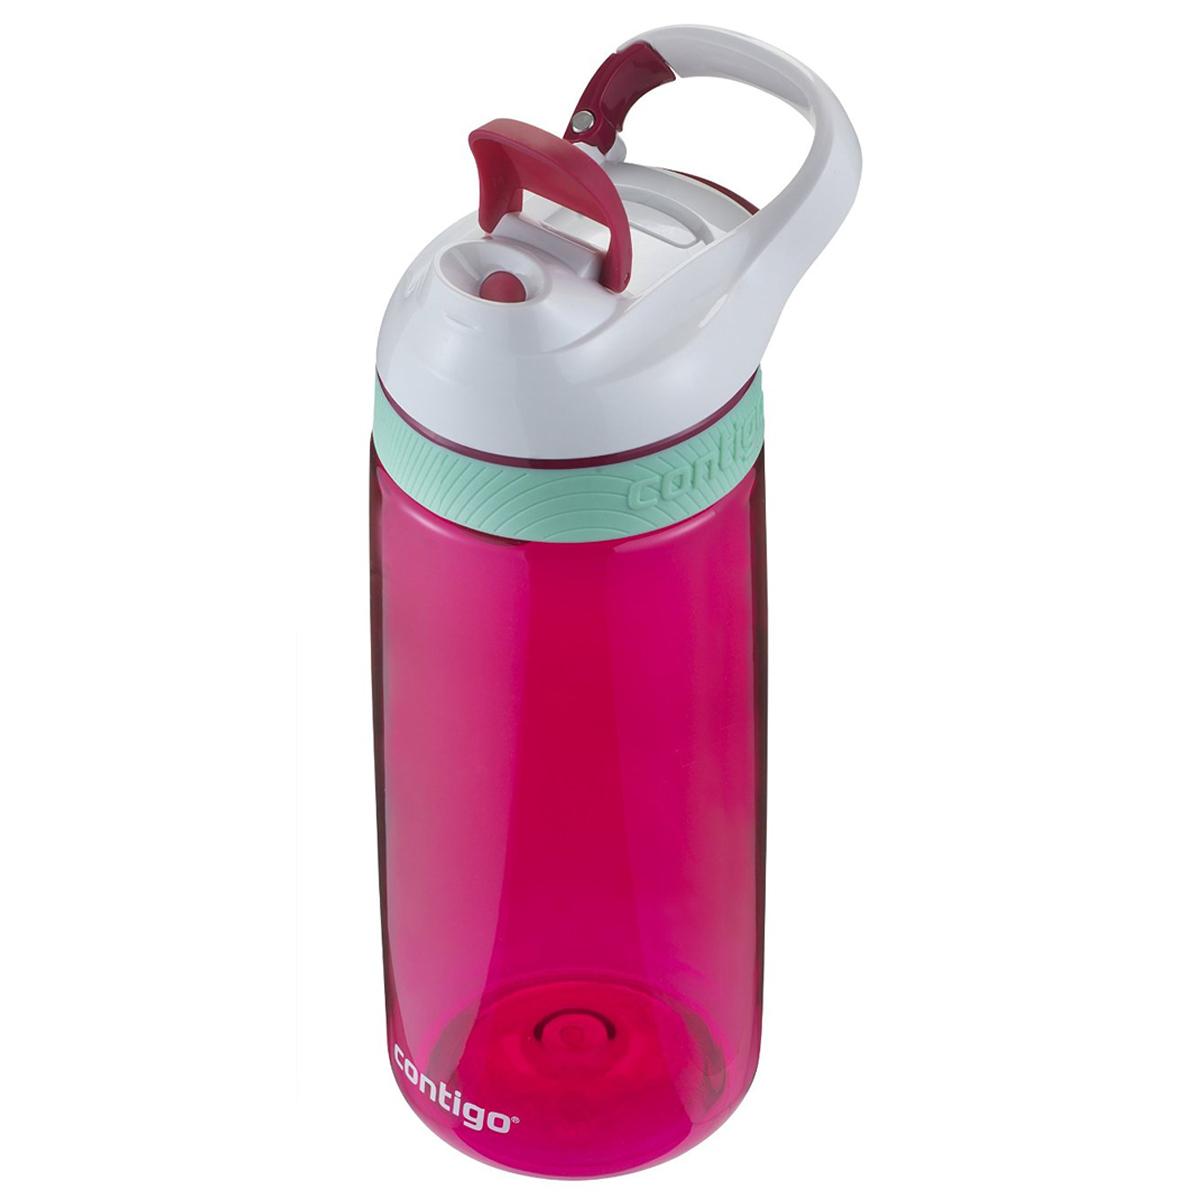 Contigo-20-oz-Kid-039-s-Courtney-AutoSeal-Water-Bottle thumbnail 19